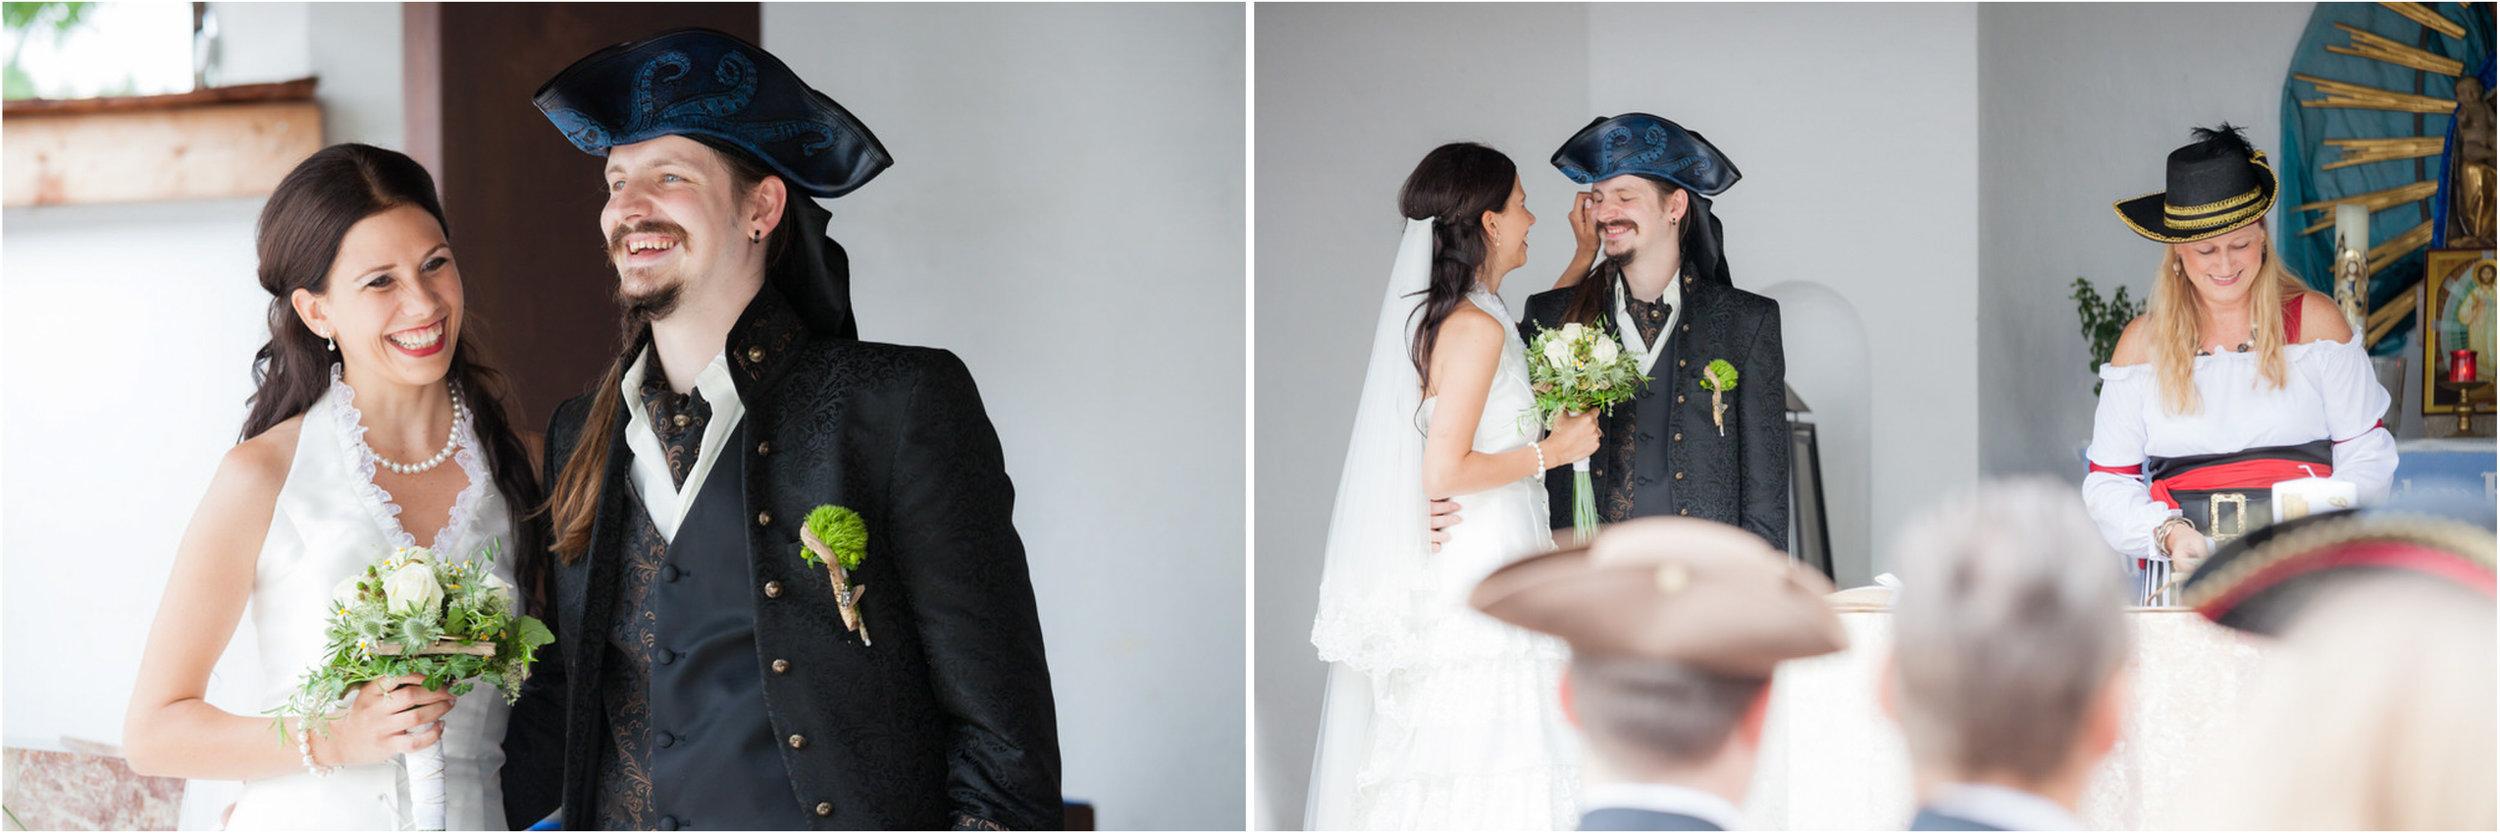 Photos-by-Markus-Joebstl-Piratenhochzeit-00020.jpg